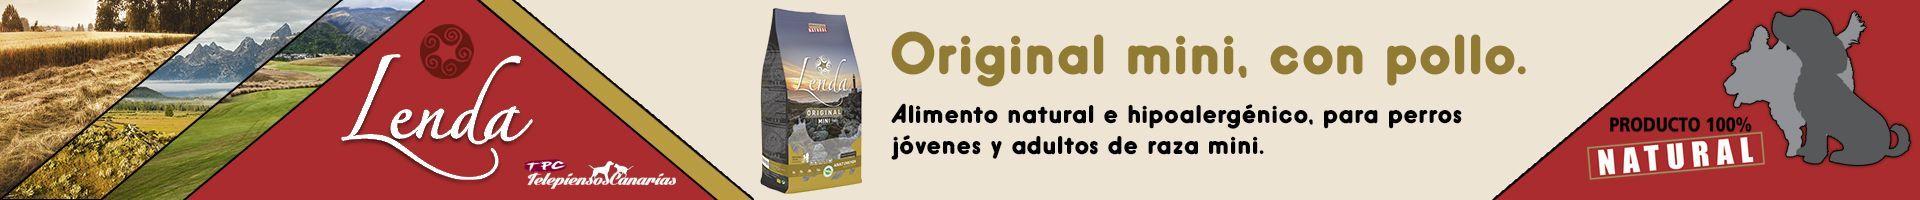 Lenda original mini con pollo para perros adultos y jóvenes